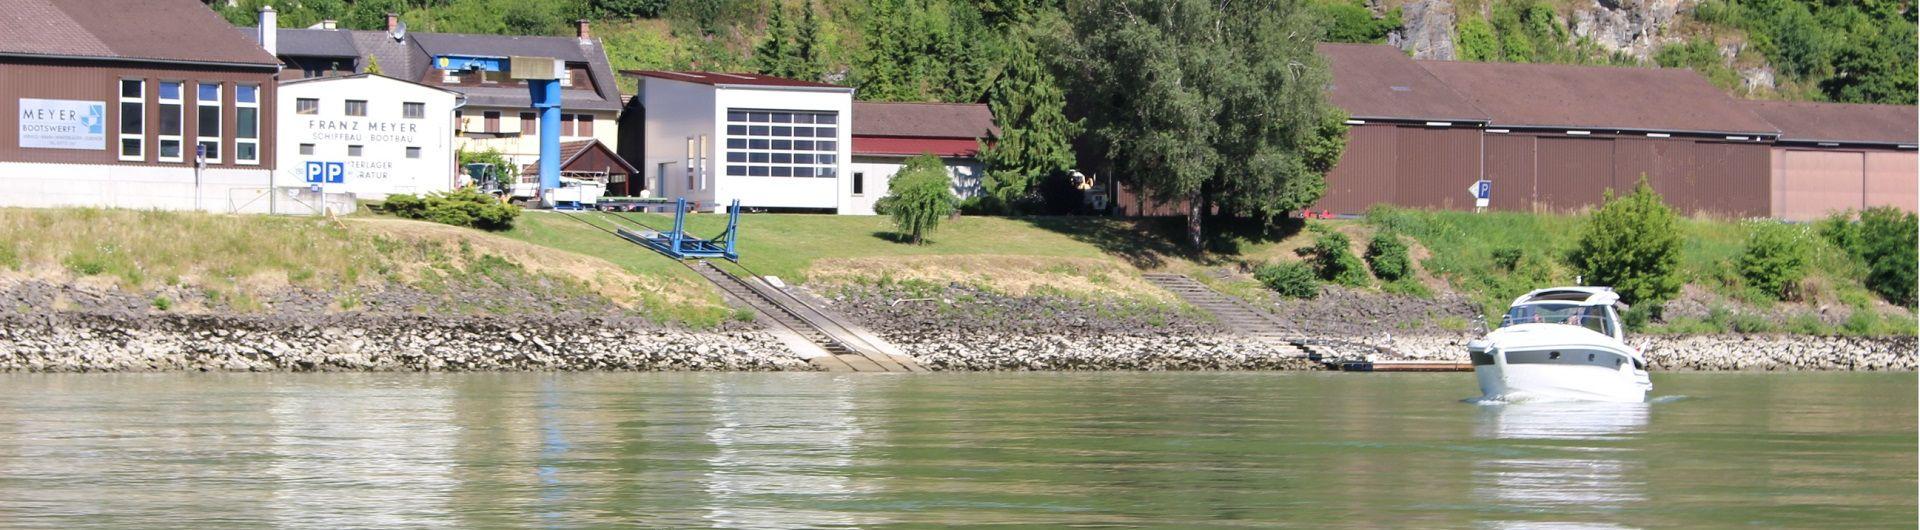 Auf der Donau unterwegs Betrieb Donauansicht Header